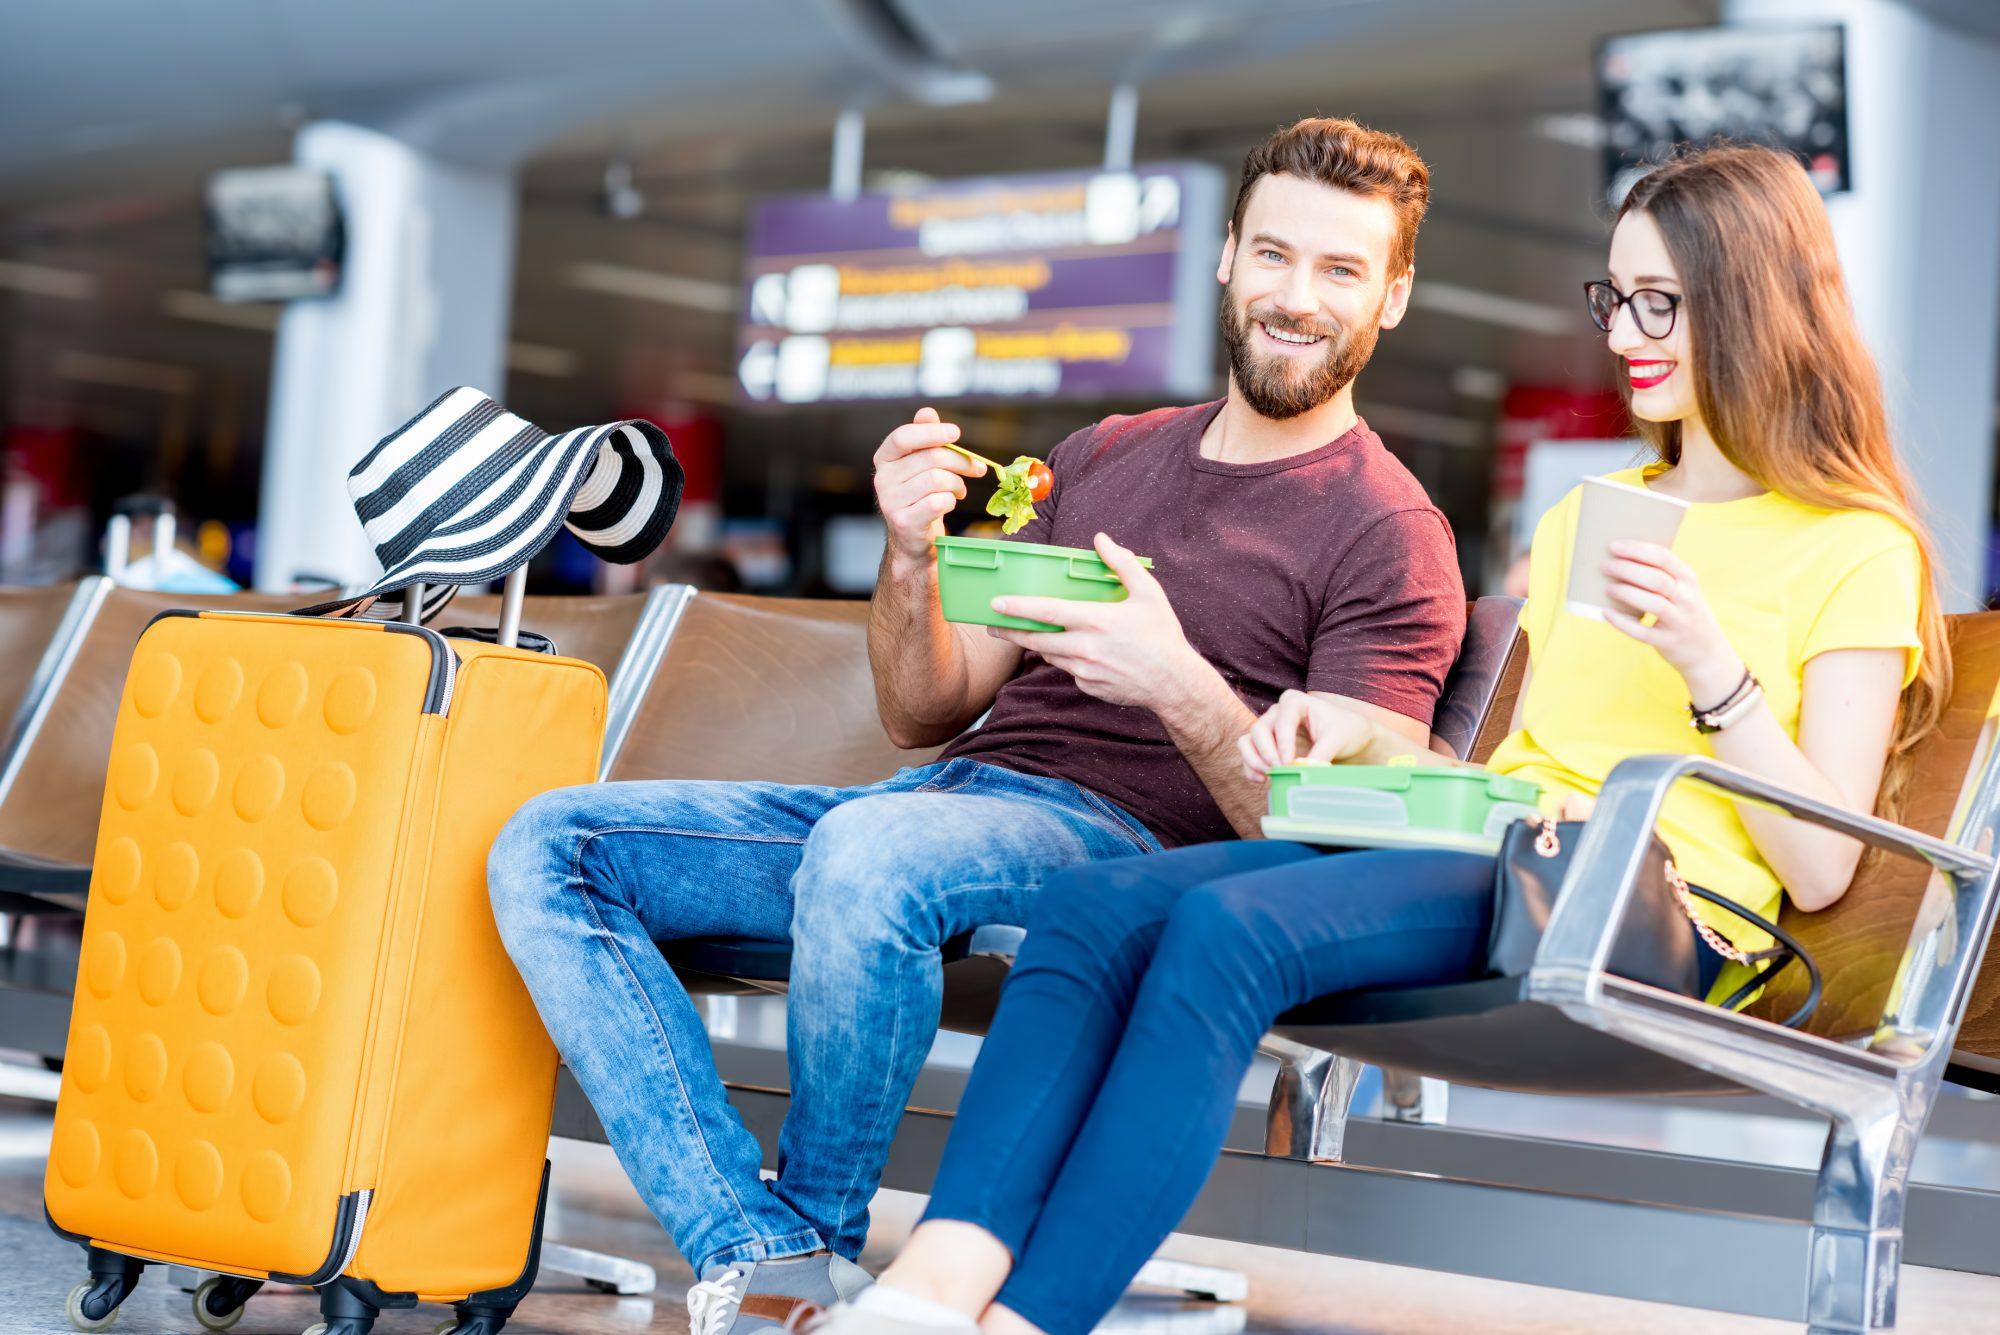 Airport Friendly Snacks That TSA Won't Take Away